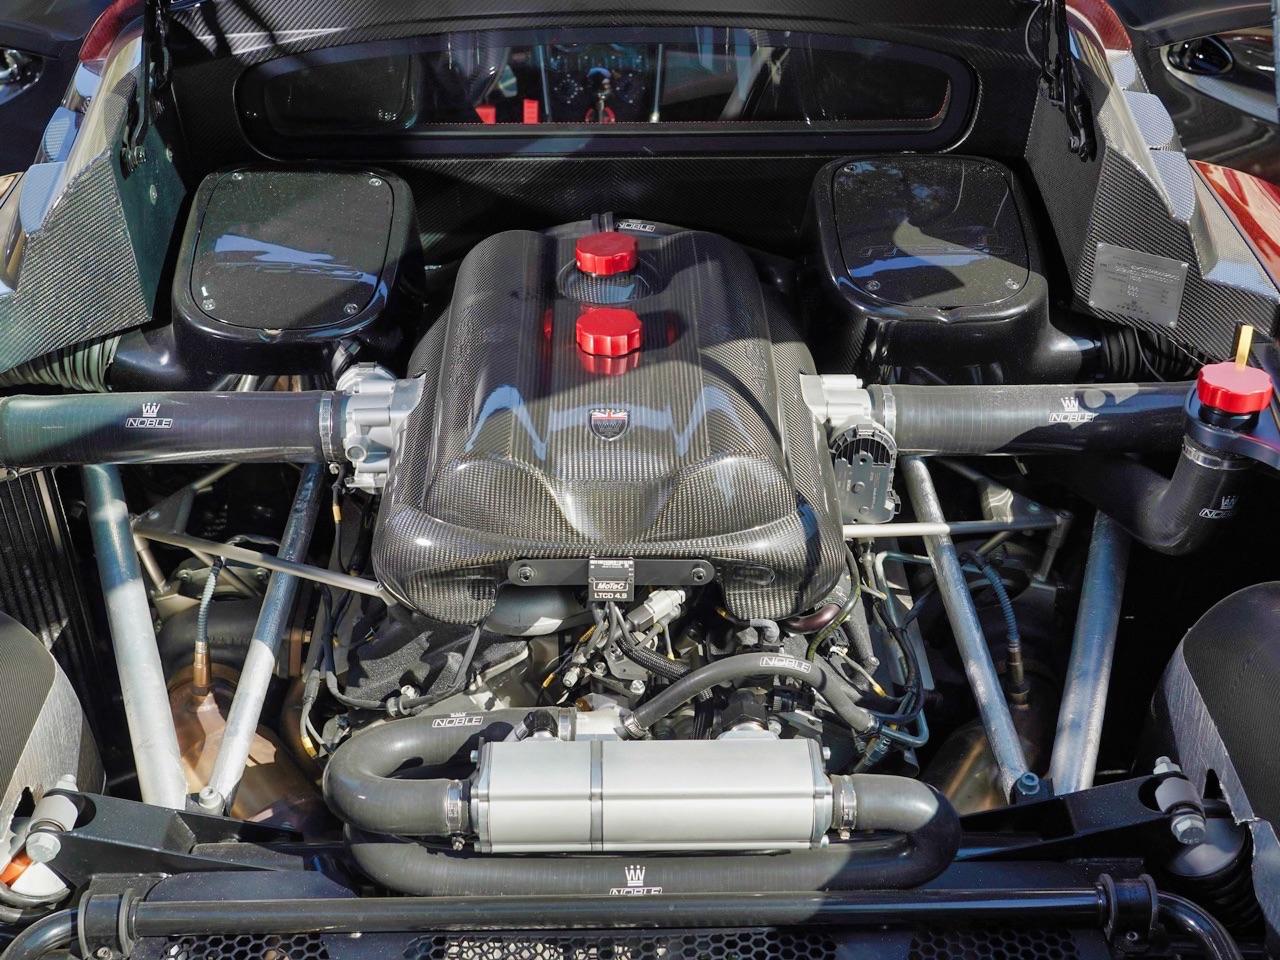 Noble M600 CarbonSport - Va y avoir du carbone et du... sport ! 16